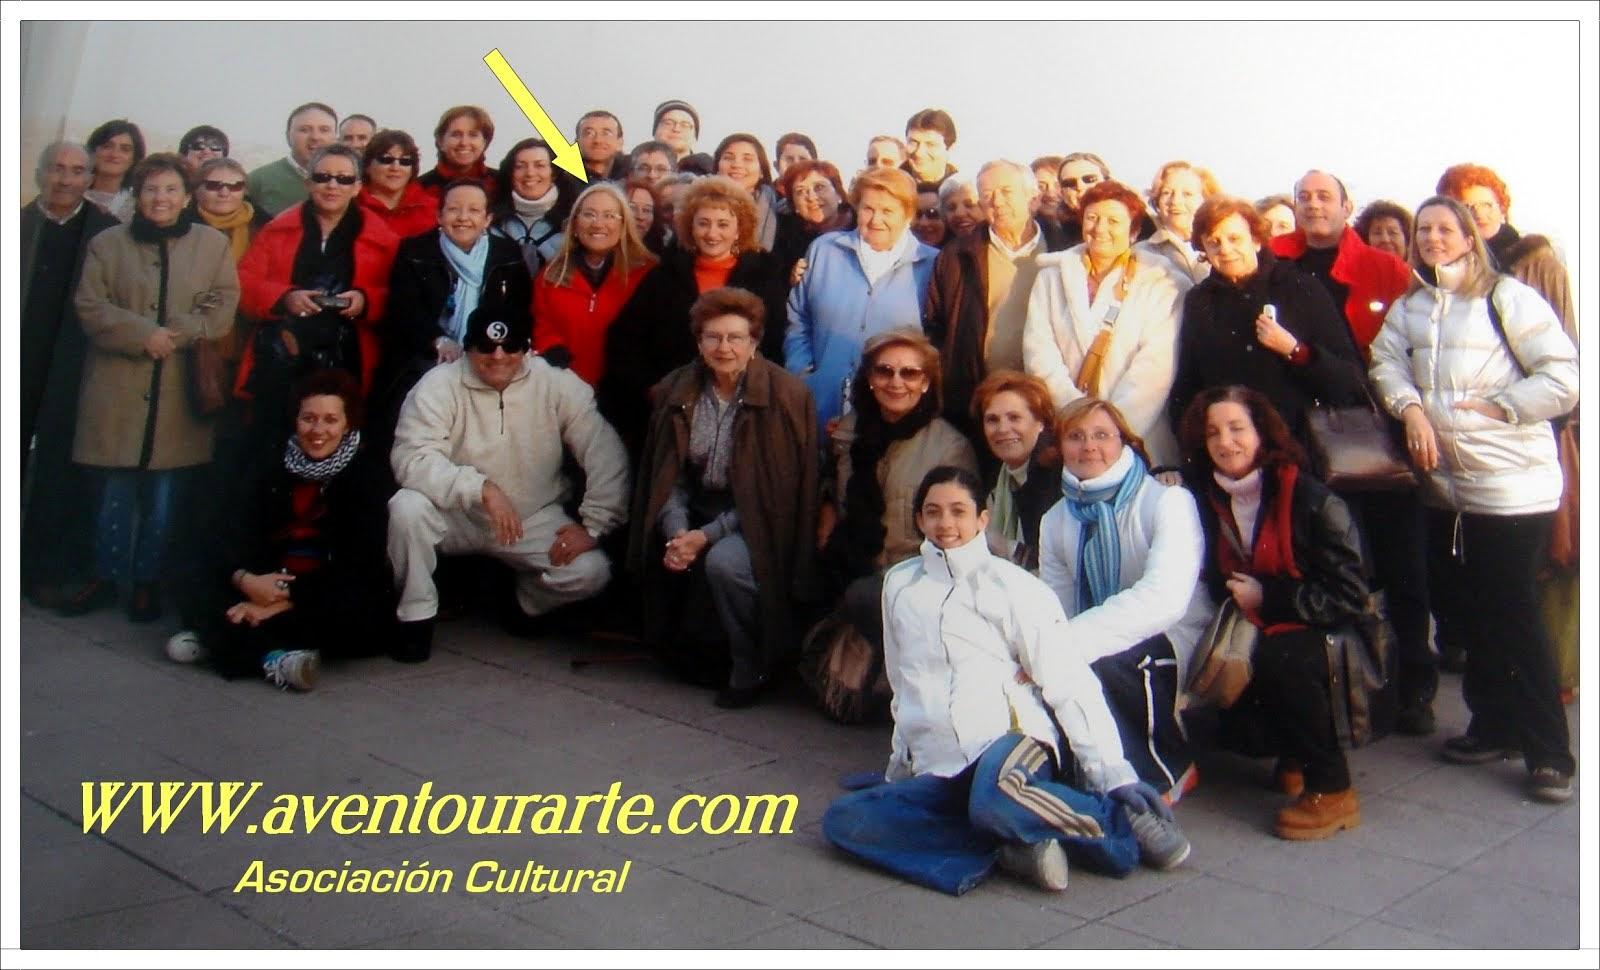 Viajes, visitas guiadas y actividades culturales con la Asociación Aventourarte.